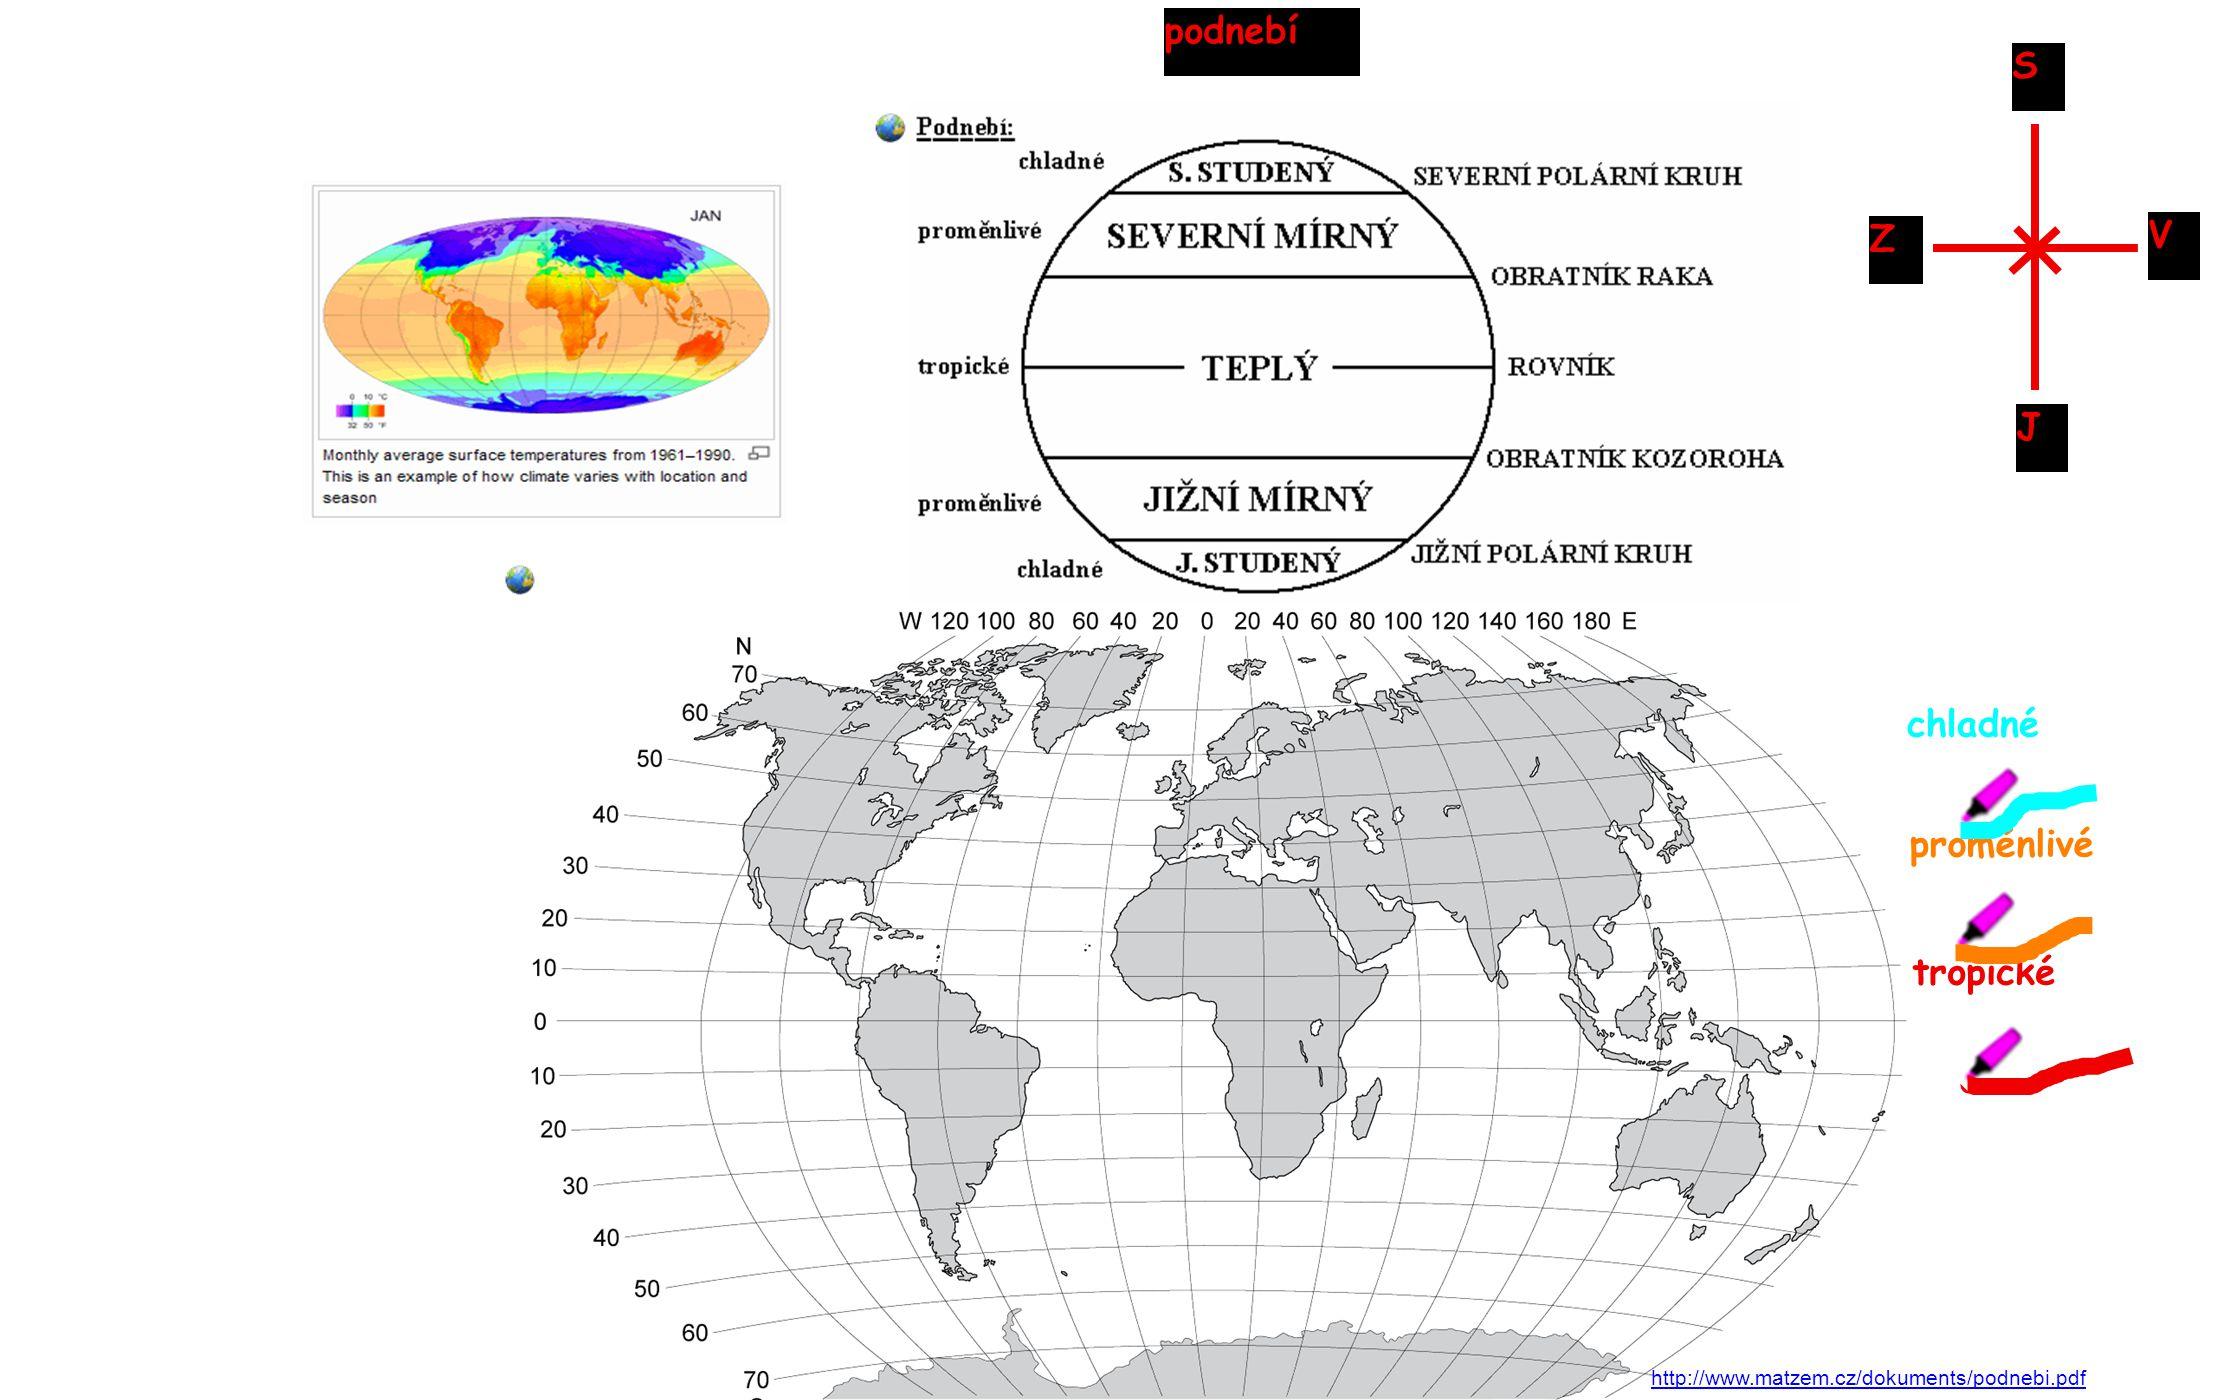 podnebí S V Z J chladné proměnlivé tropické